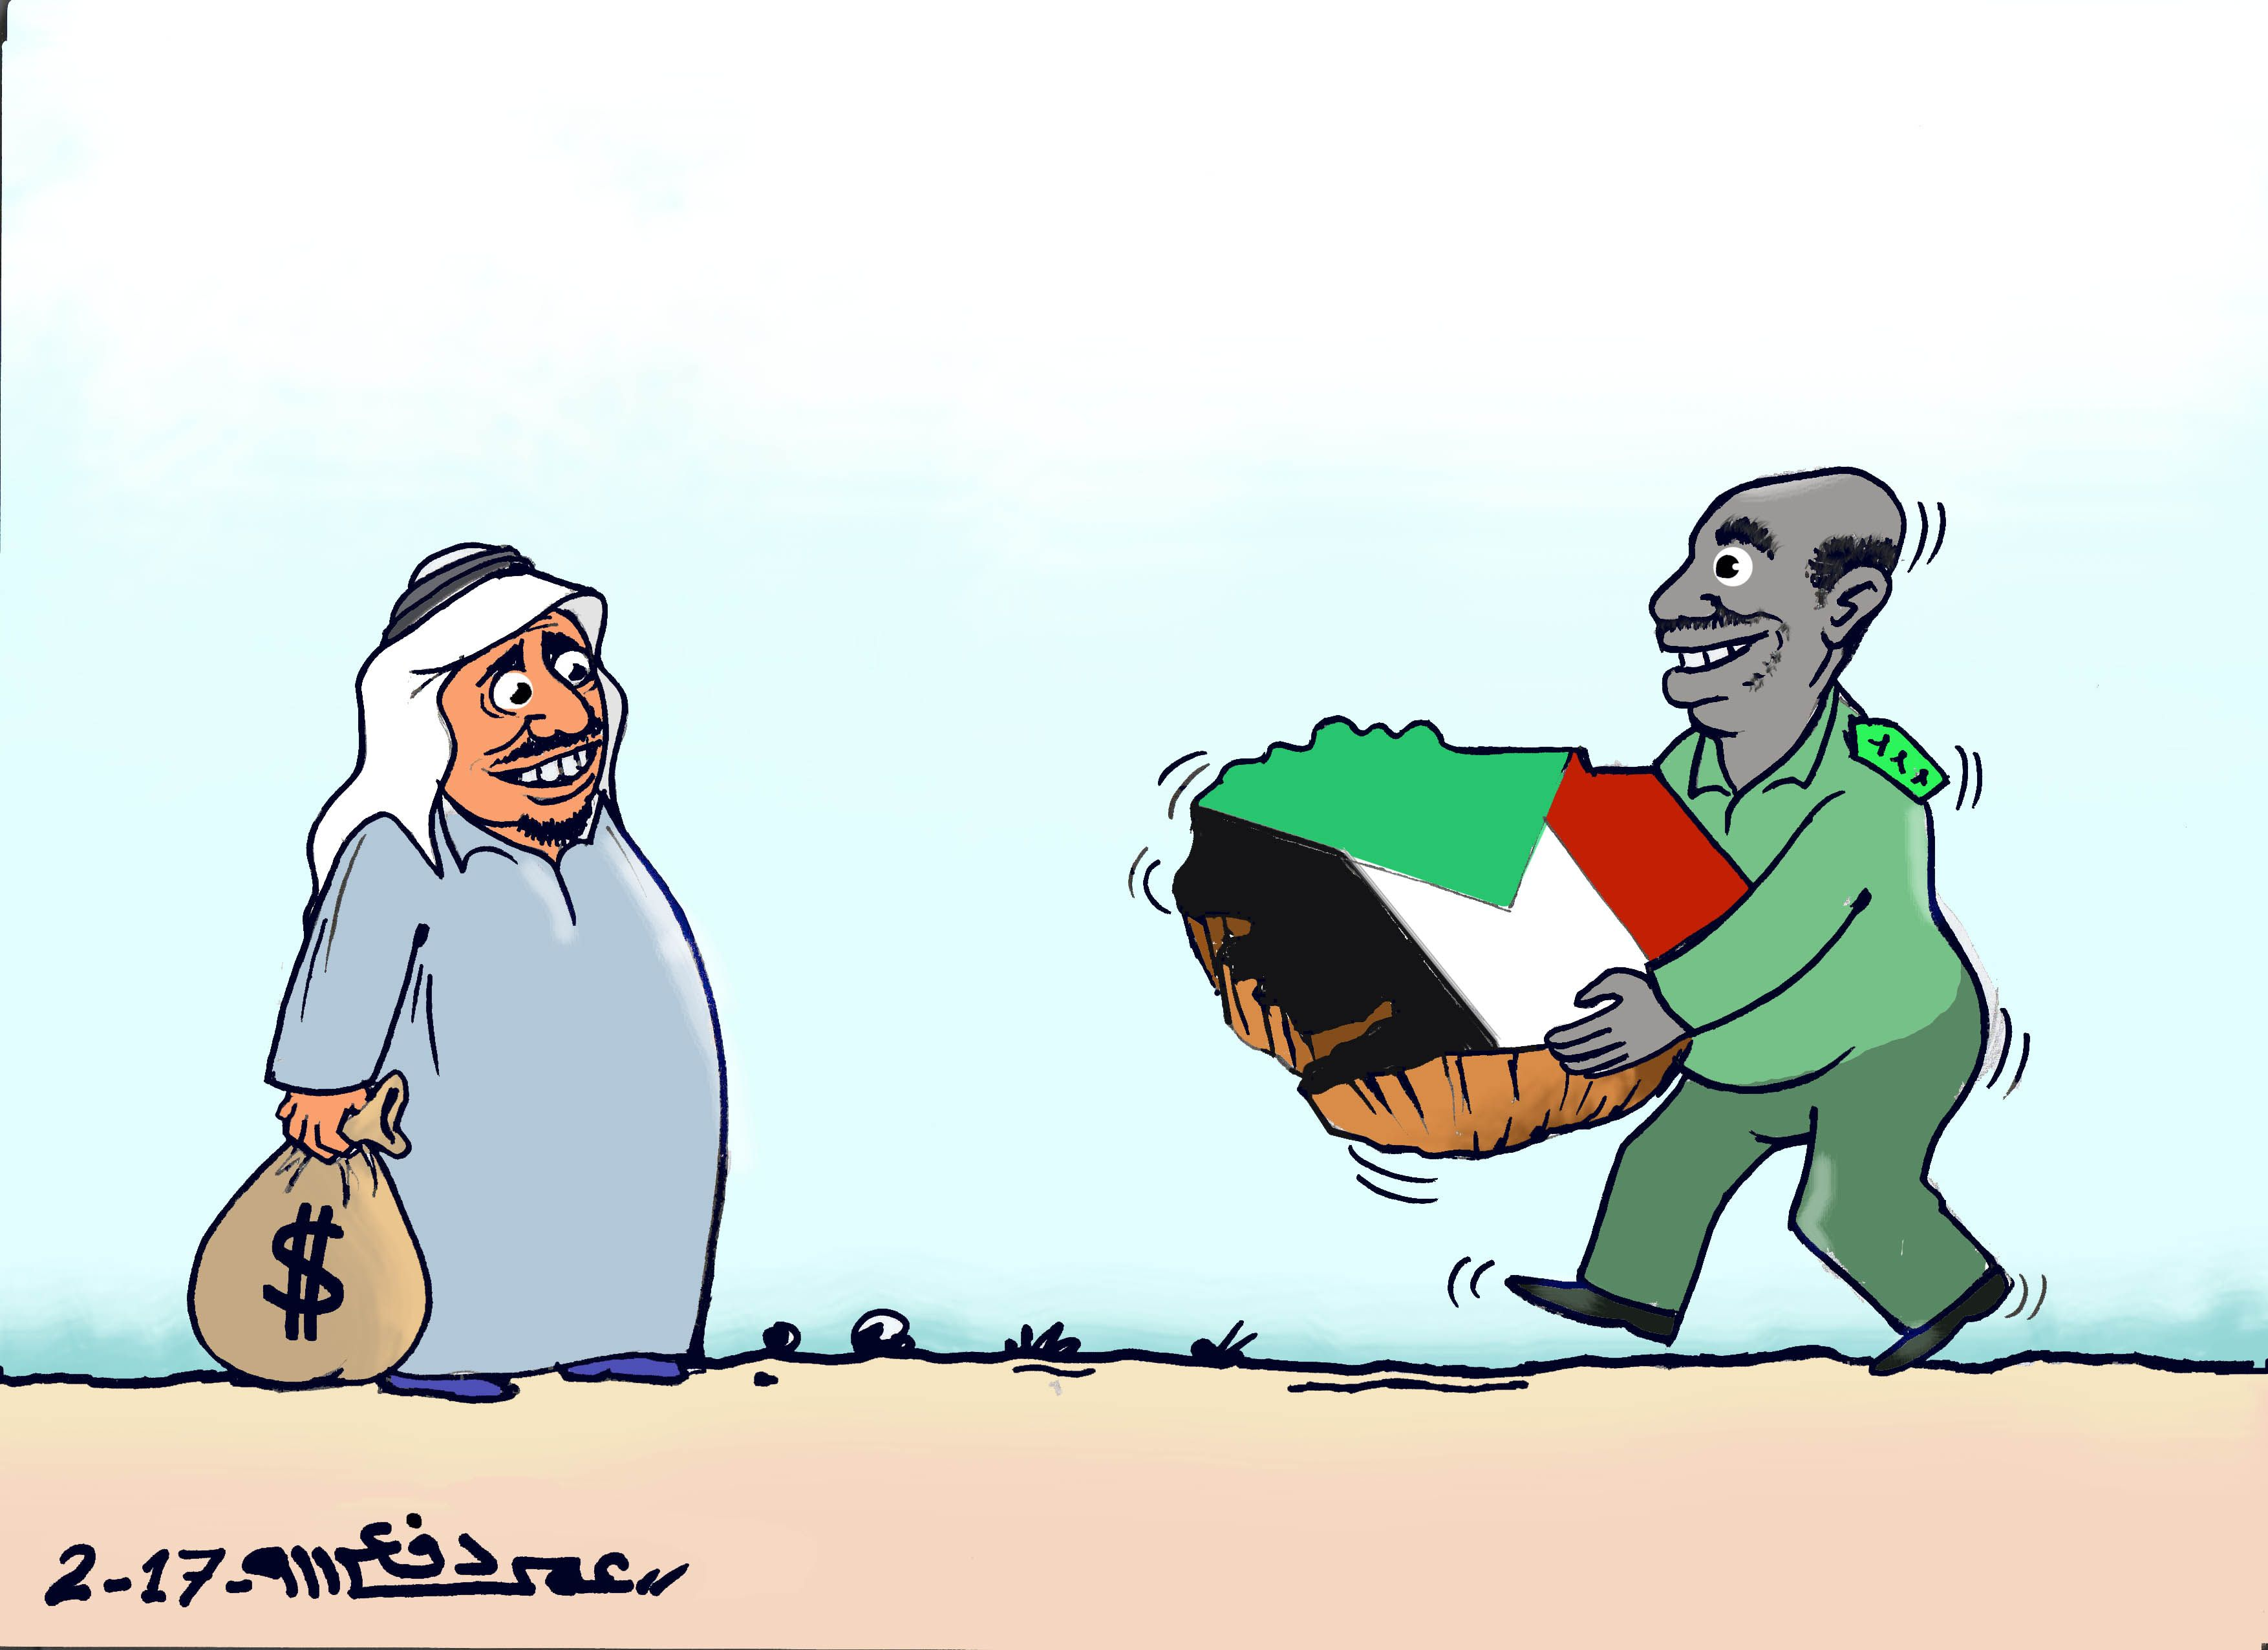 كاركاتير اليوم الموافق 11 فبراير 2017 للفنان عمر دفع الله عن بيع السودان